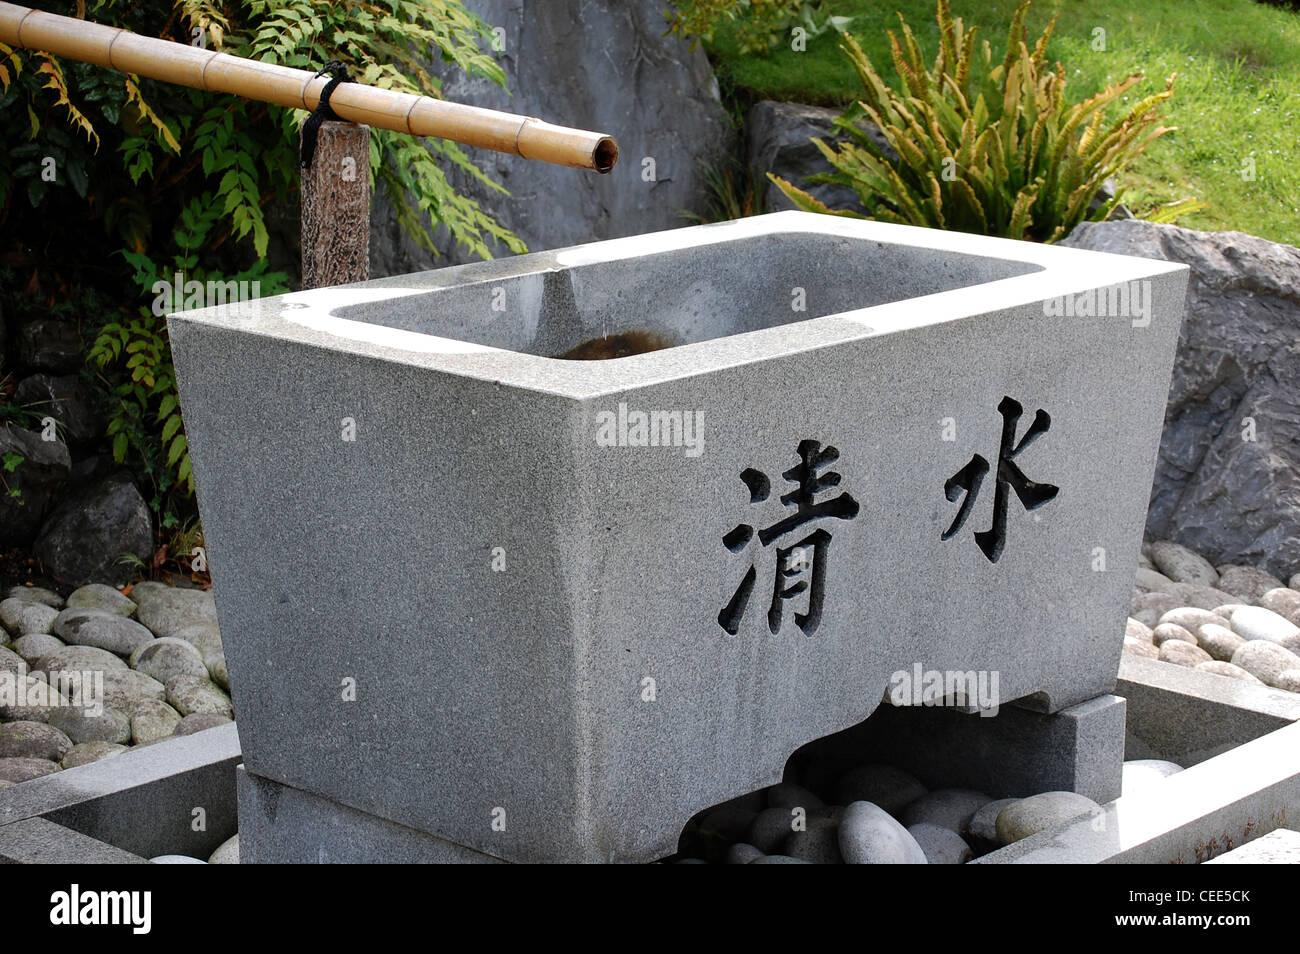 Japanische Brunnen Wasserspiel Selber Bauen Wasserspiele Bauen